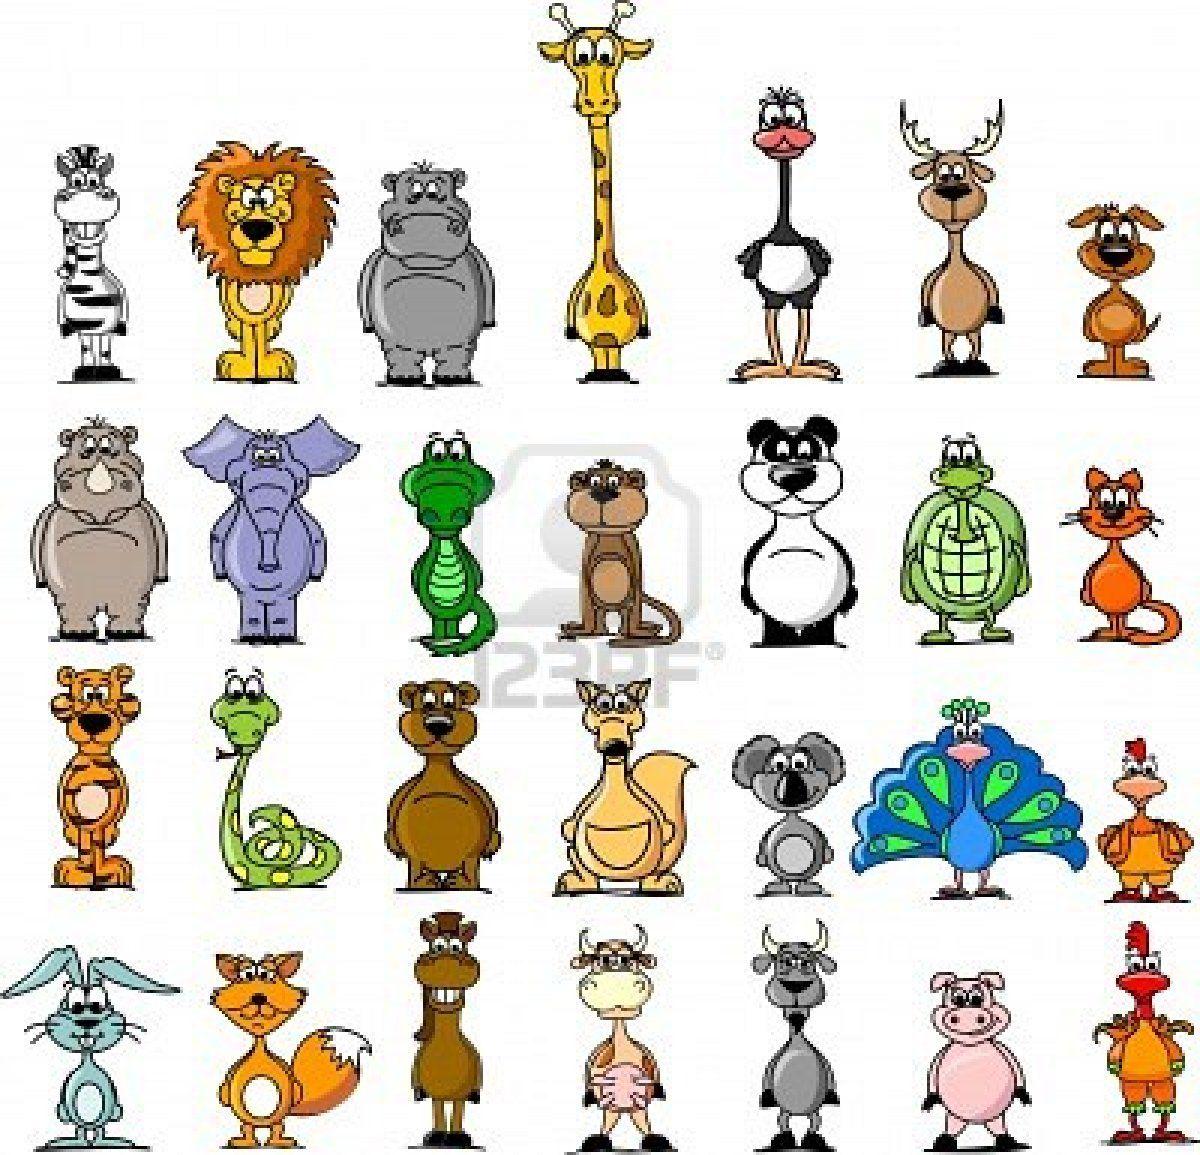 Dessiner les animaux for kids pinterest les - Dessiner des animaux ...